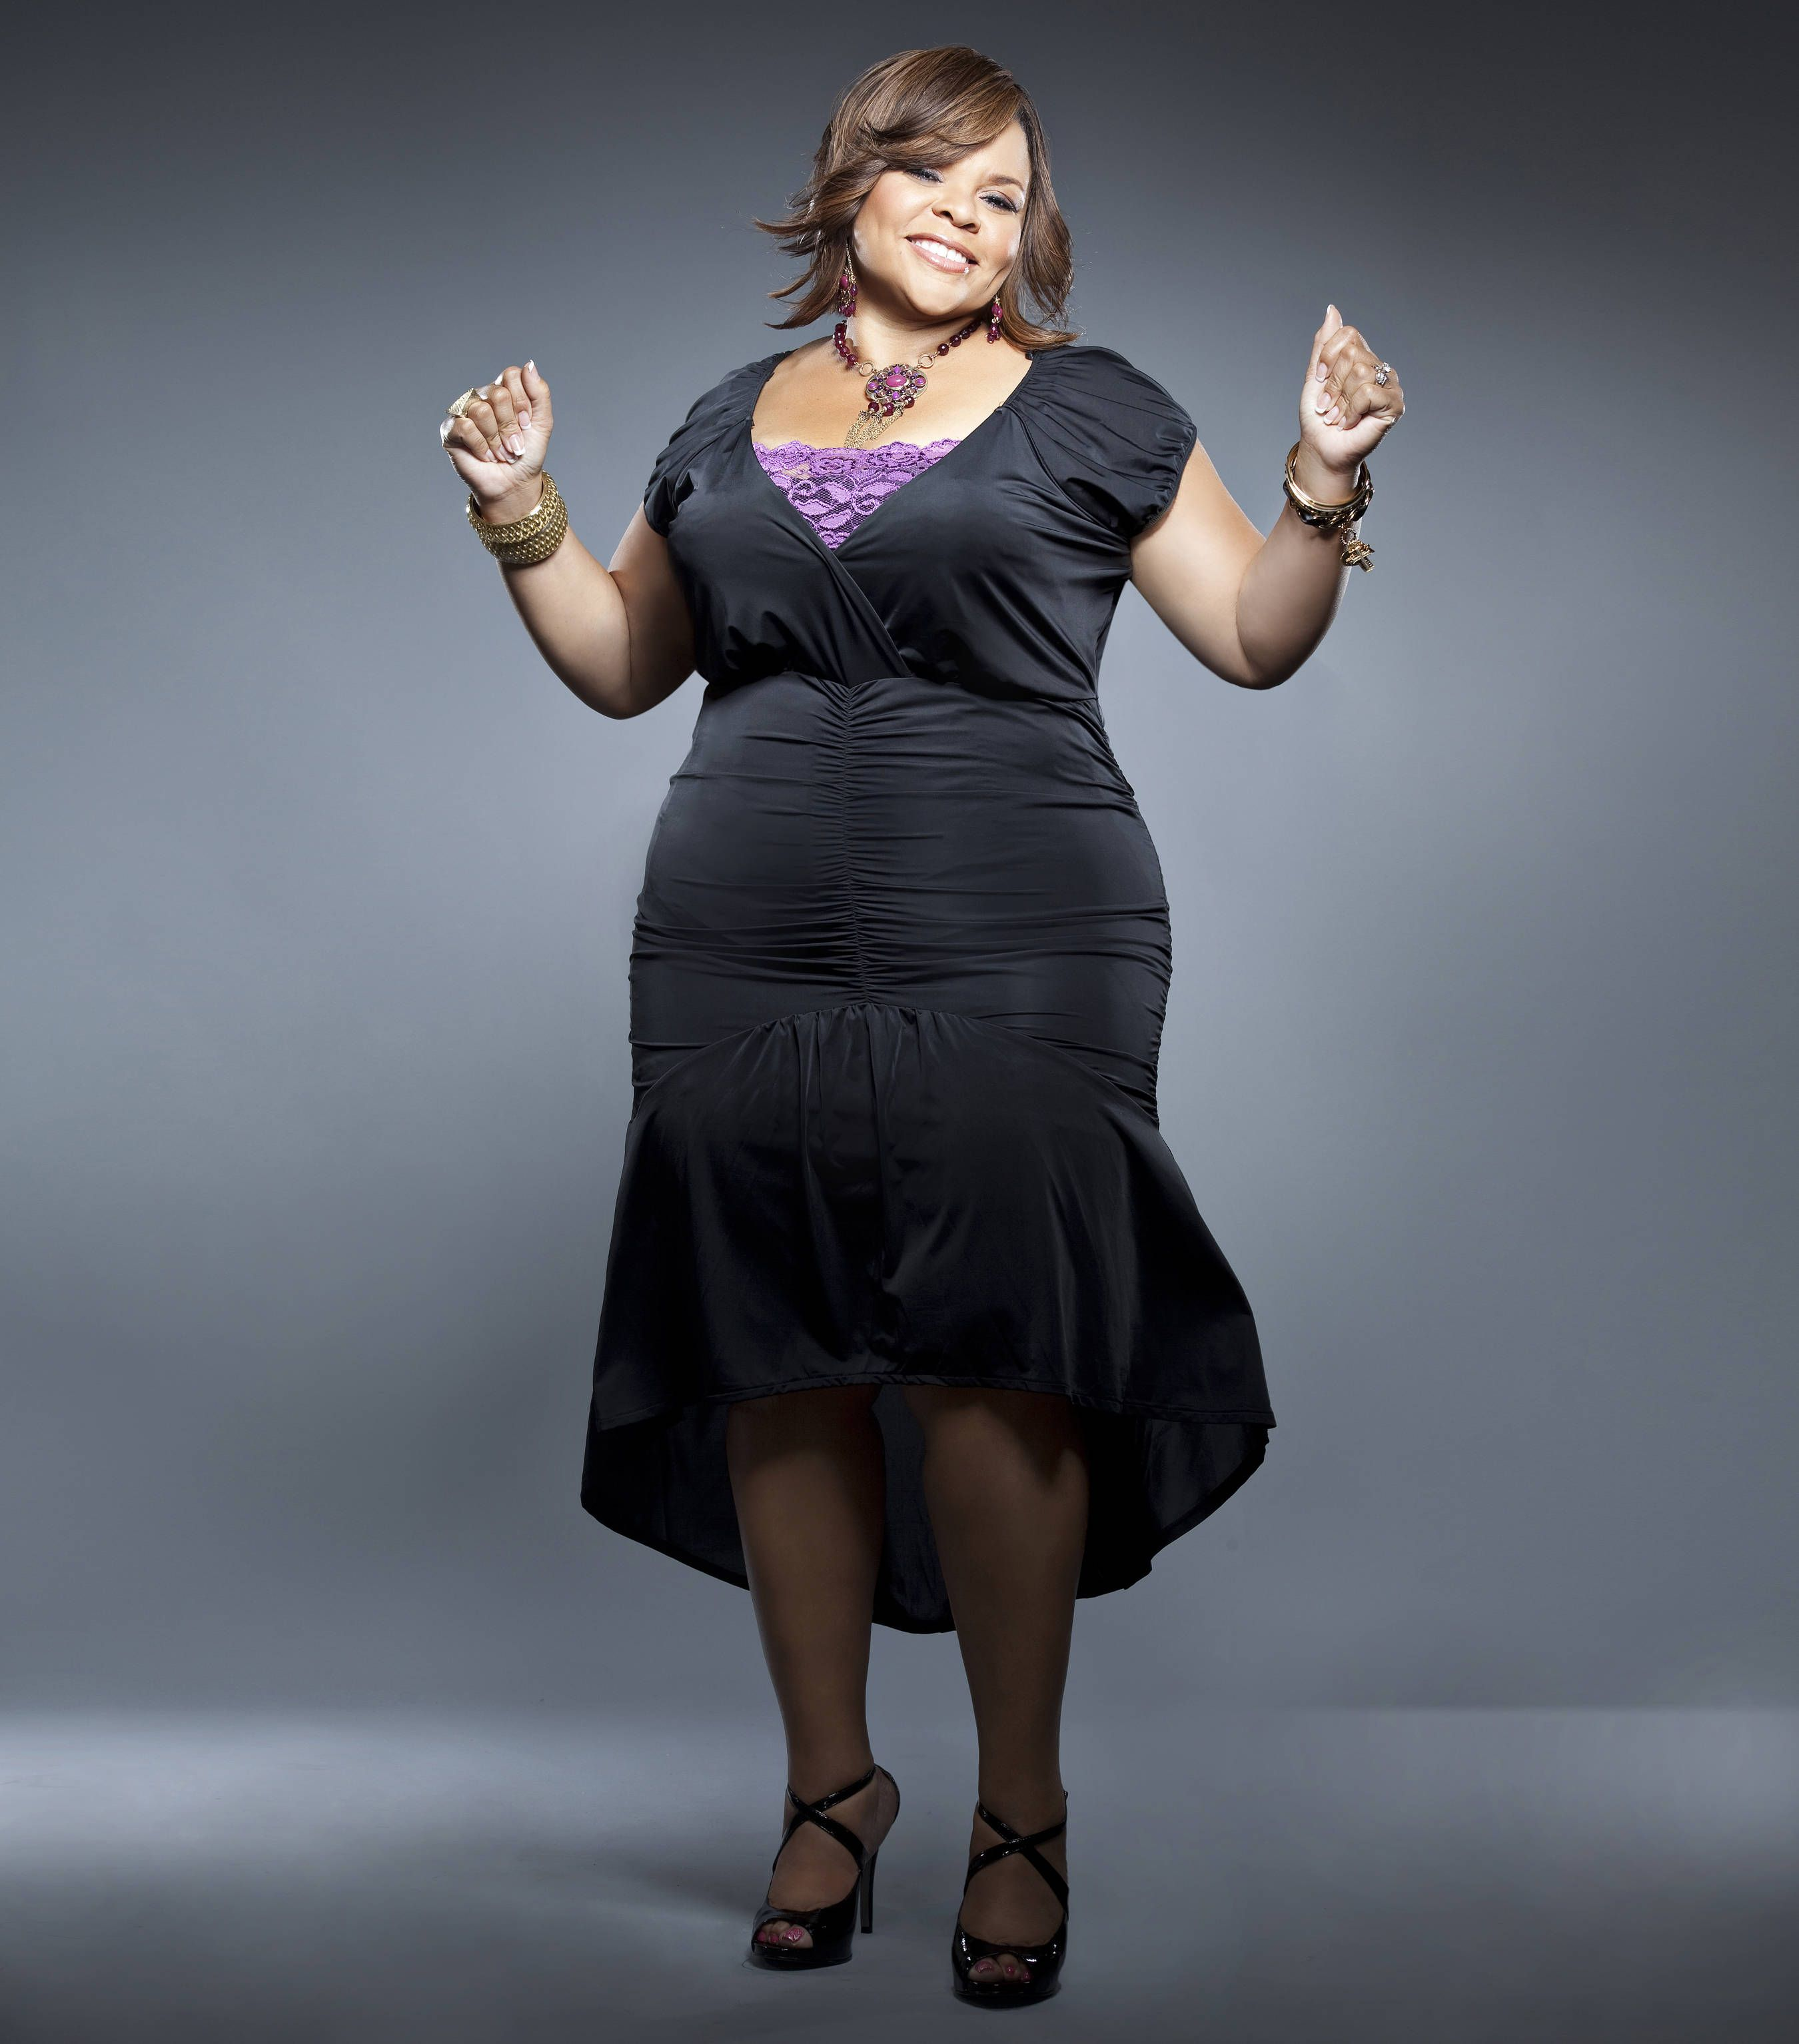 Pleasing 25 Melhores Ideias Sobre Tamela Mann No Pinterest Musica Gospel Short Hairstyles For Black Women Fulllsitofus